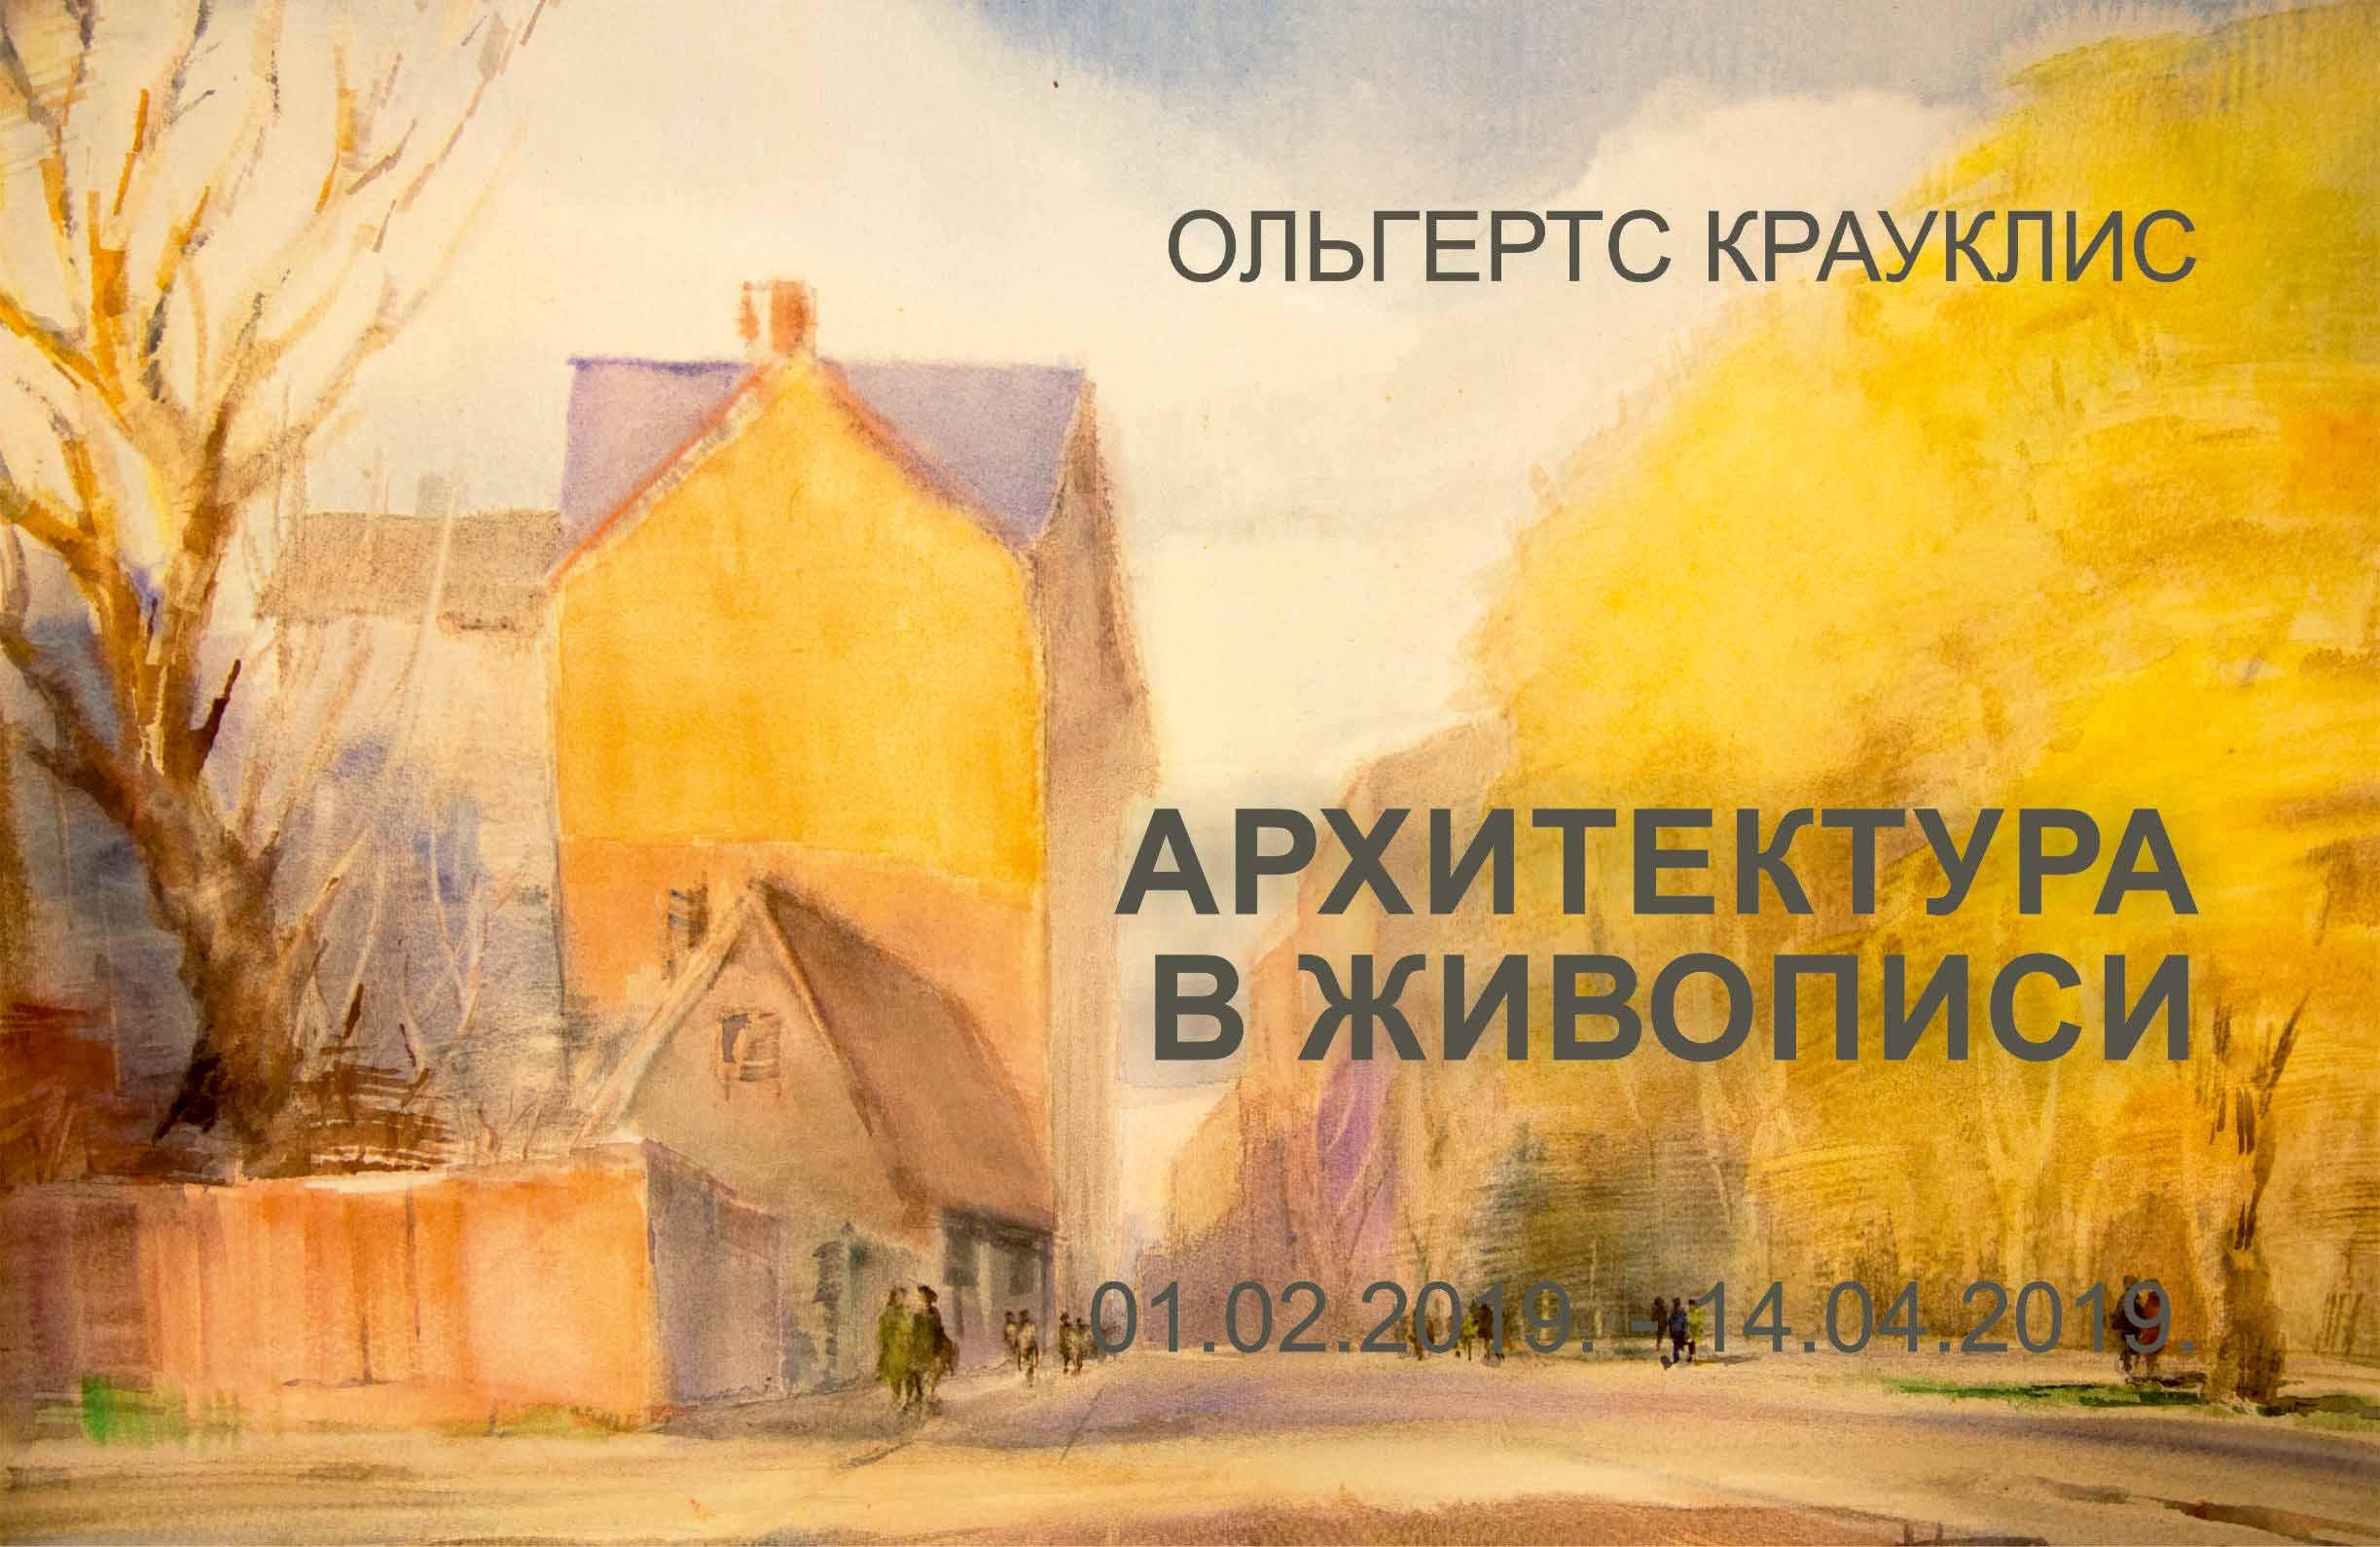 Ольгерт Крауклис. Архитектура в живописи